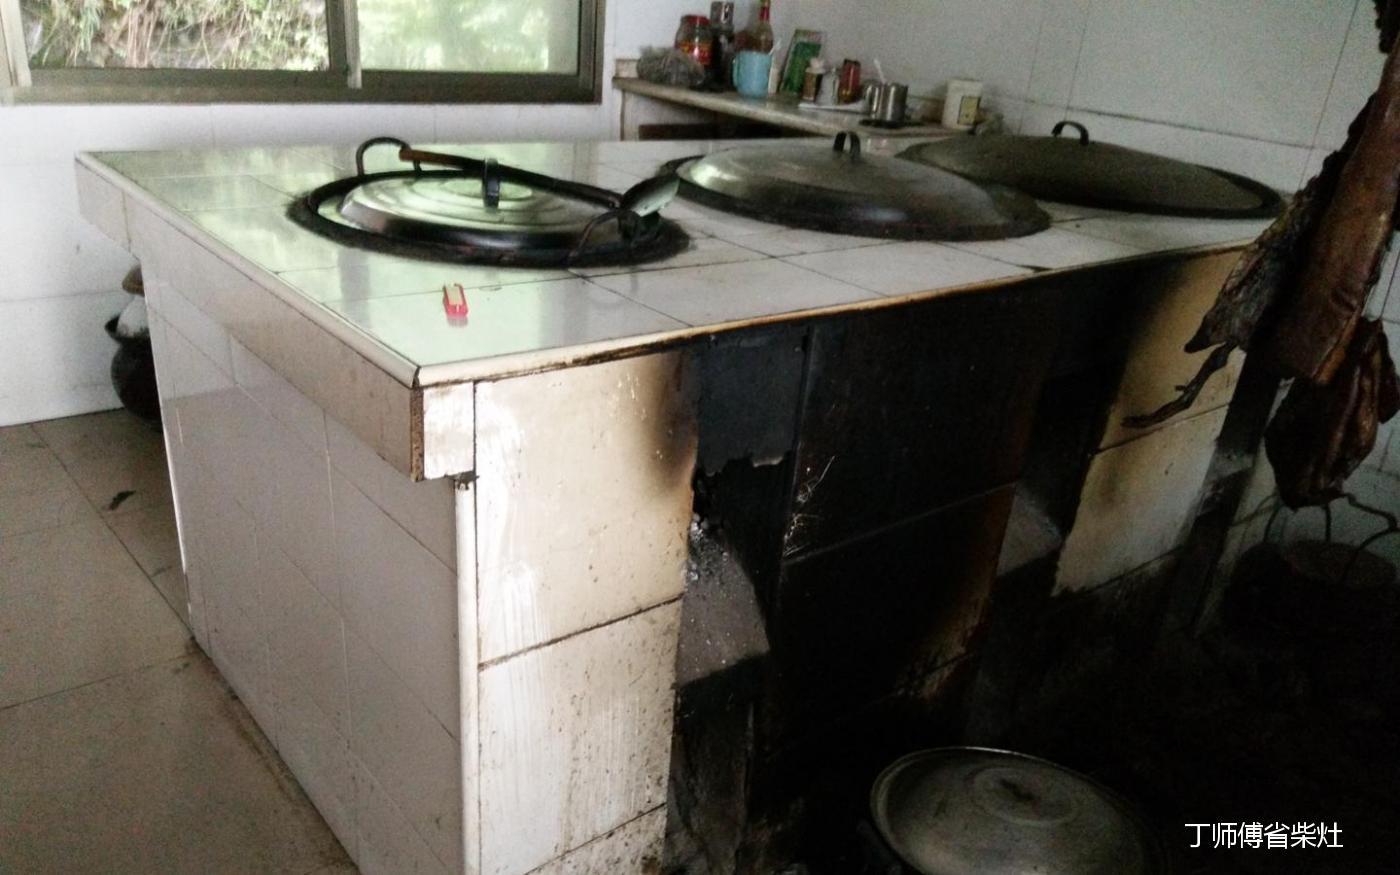 有些人打灶要求柴火灶的外观,形状,烟囱和灶门位置等按照自己的要求图片